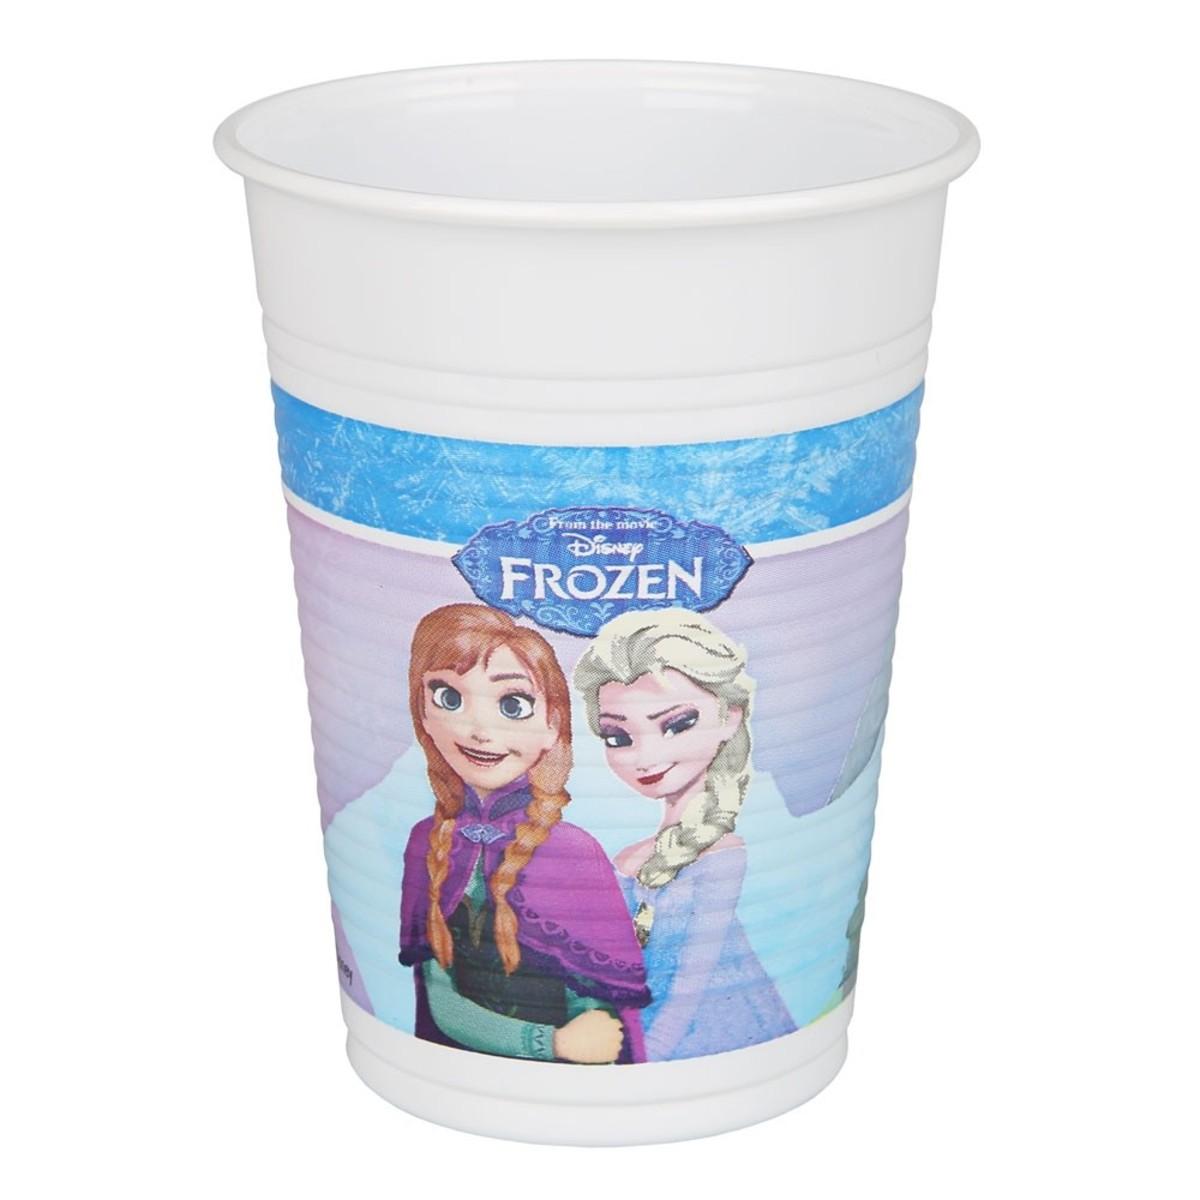 Bild 2 von Einwegbecher Frozen, 6er-Pack